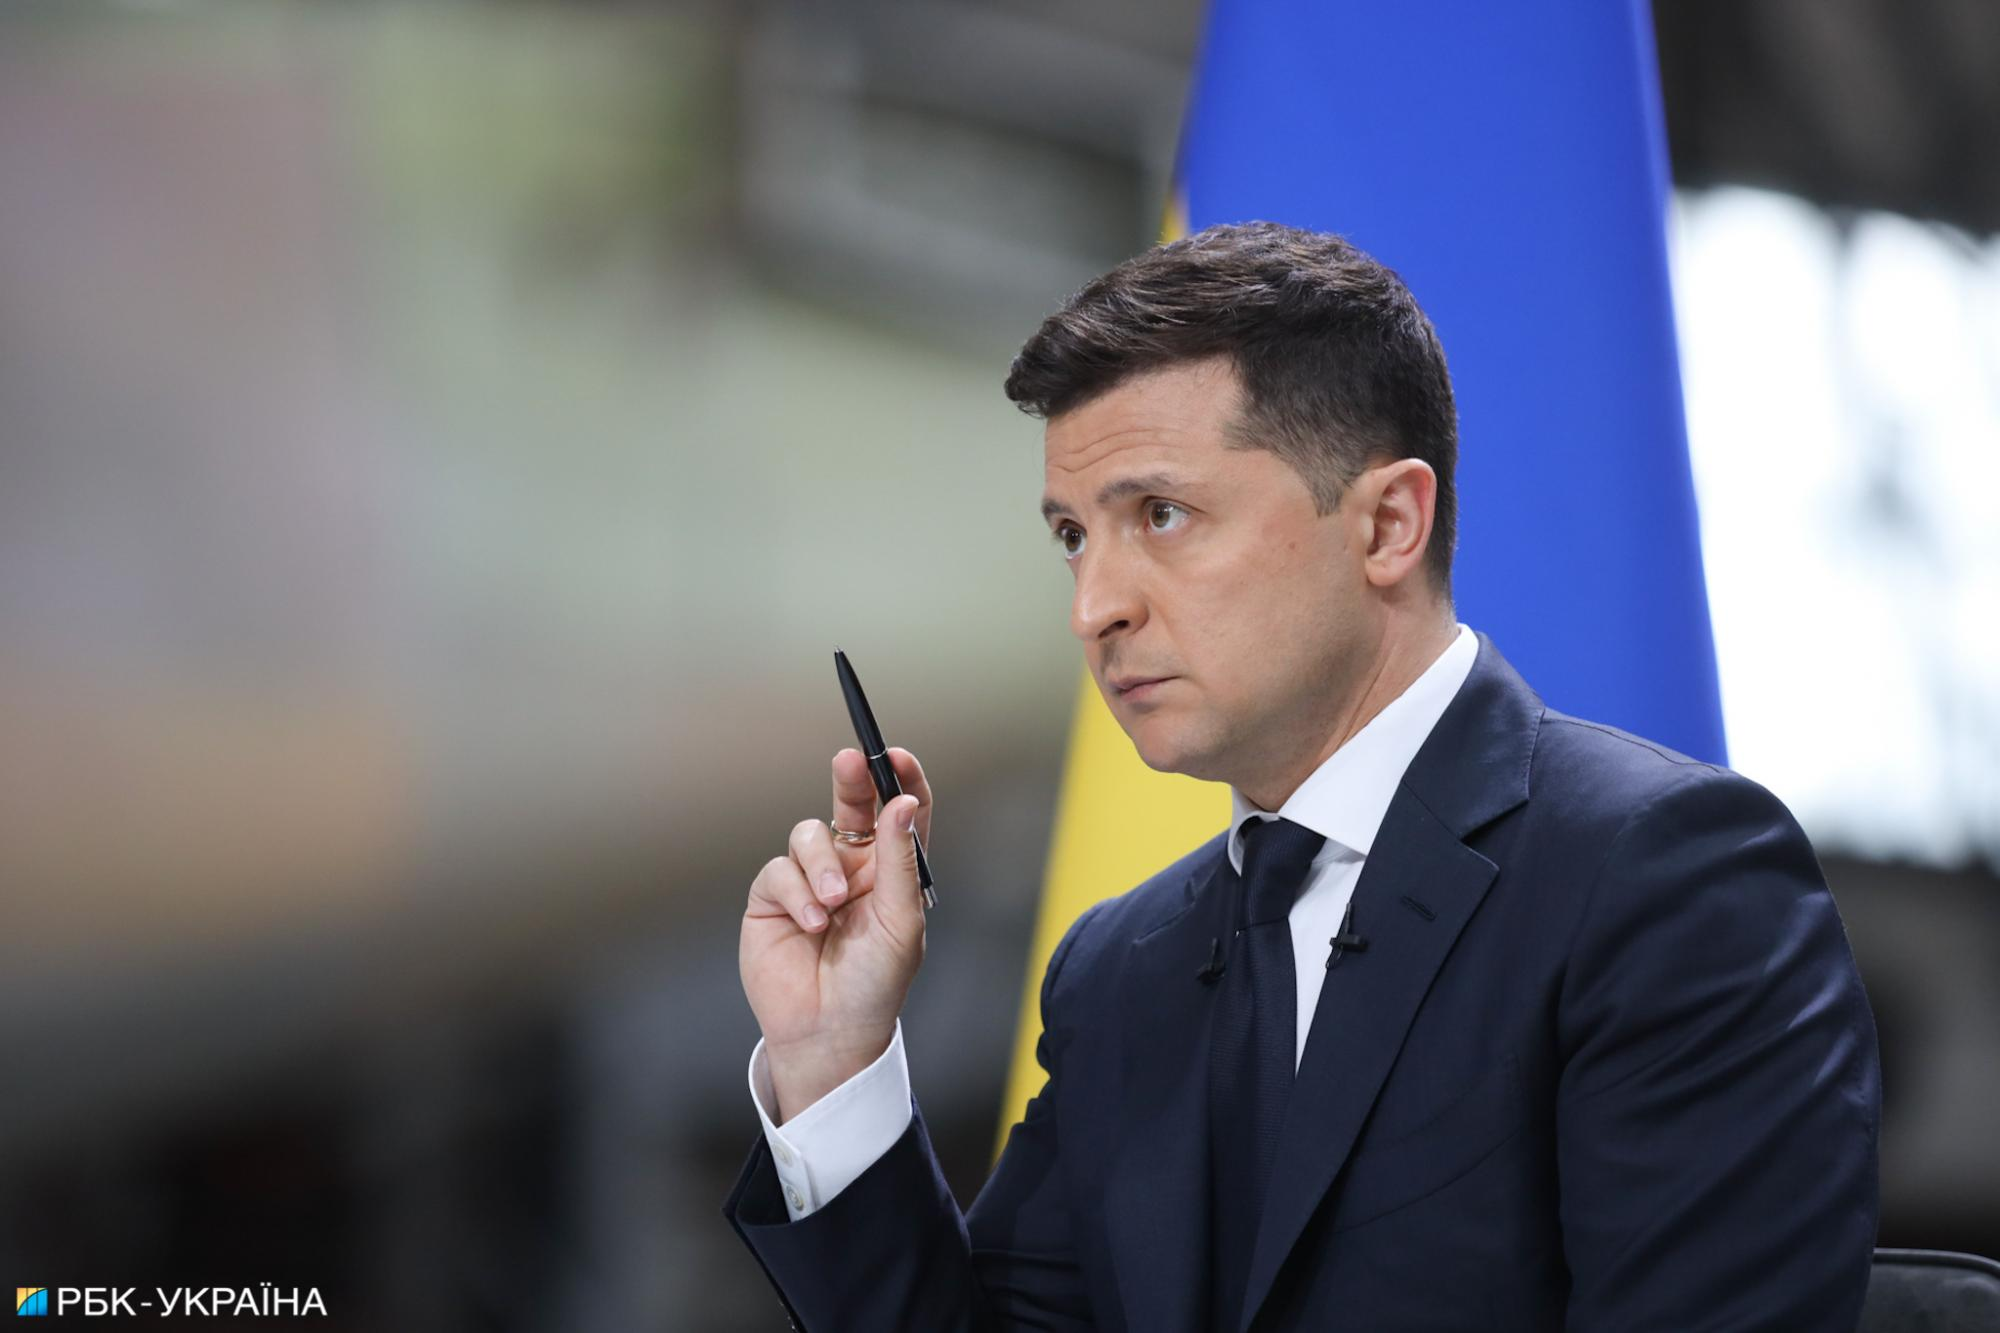 Боротьба з олігархами, Донбас, Путін: про що говорив Зеленський на прес-конференції